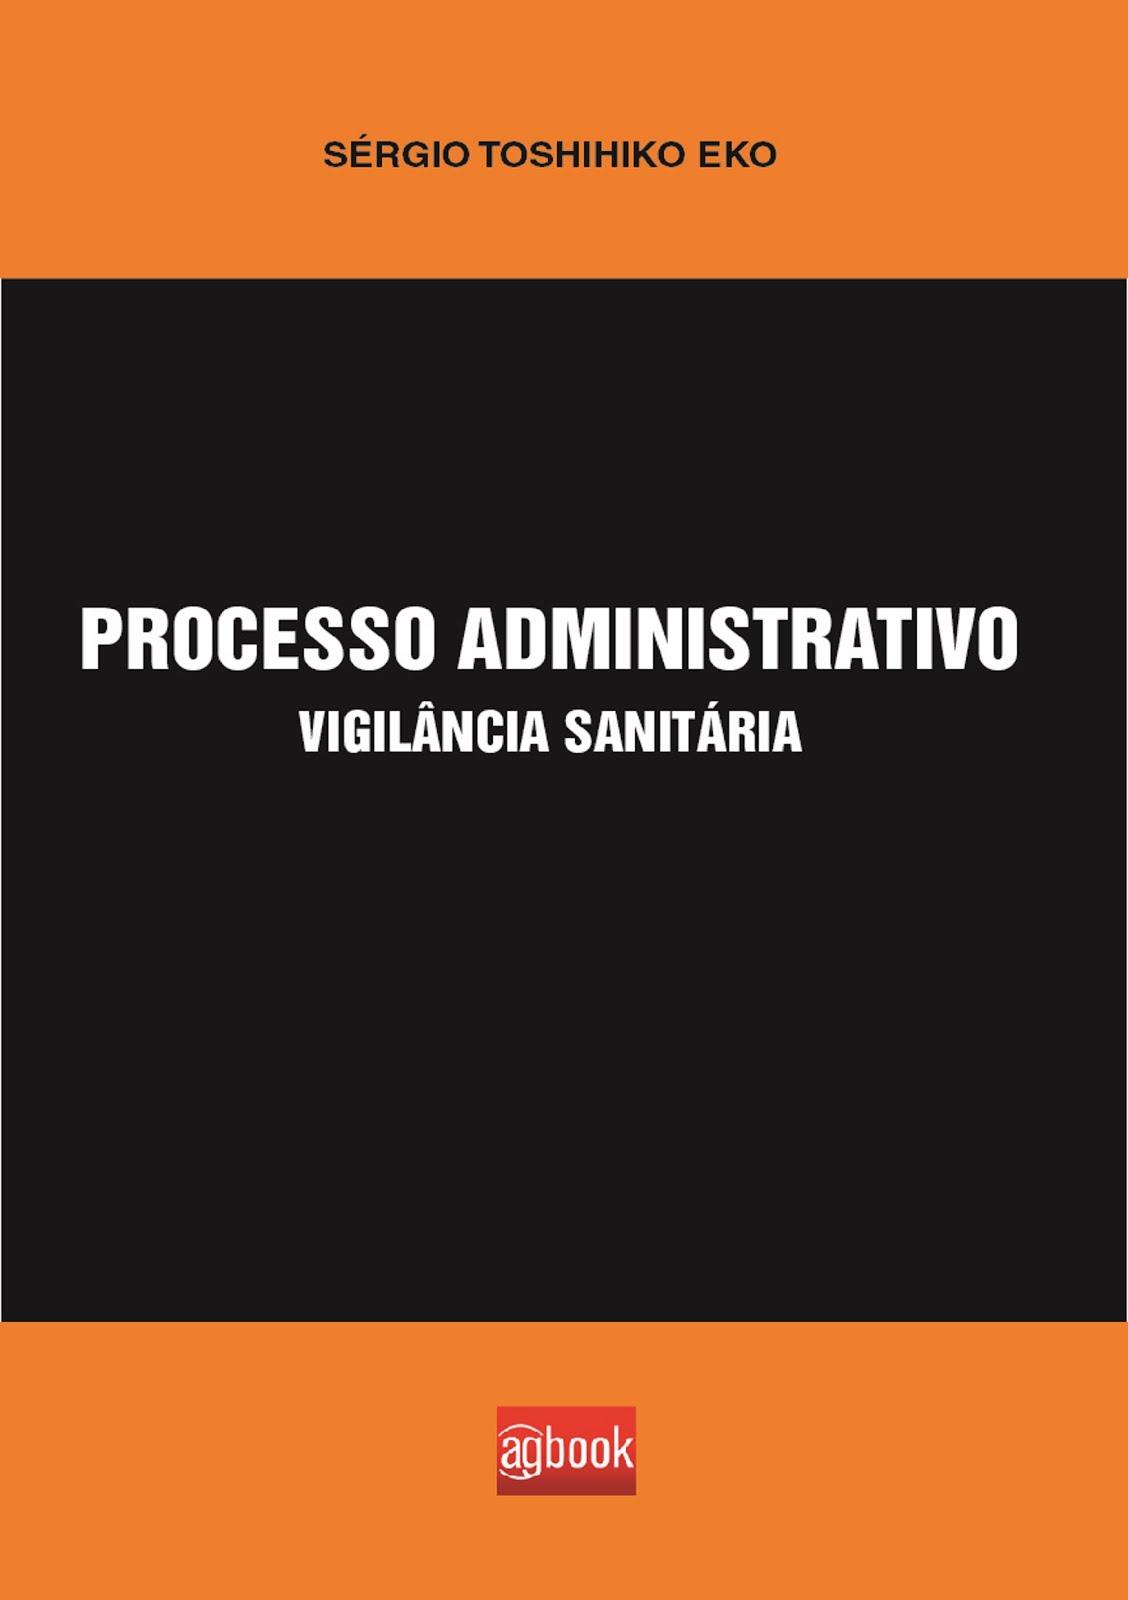 Livro: Processo administrativo:vigilância sanitária